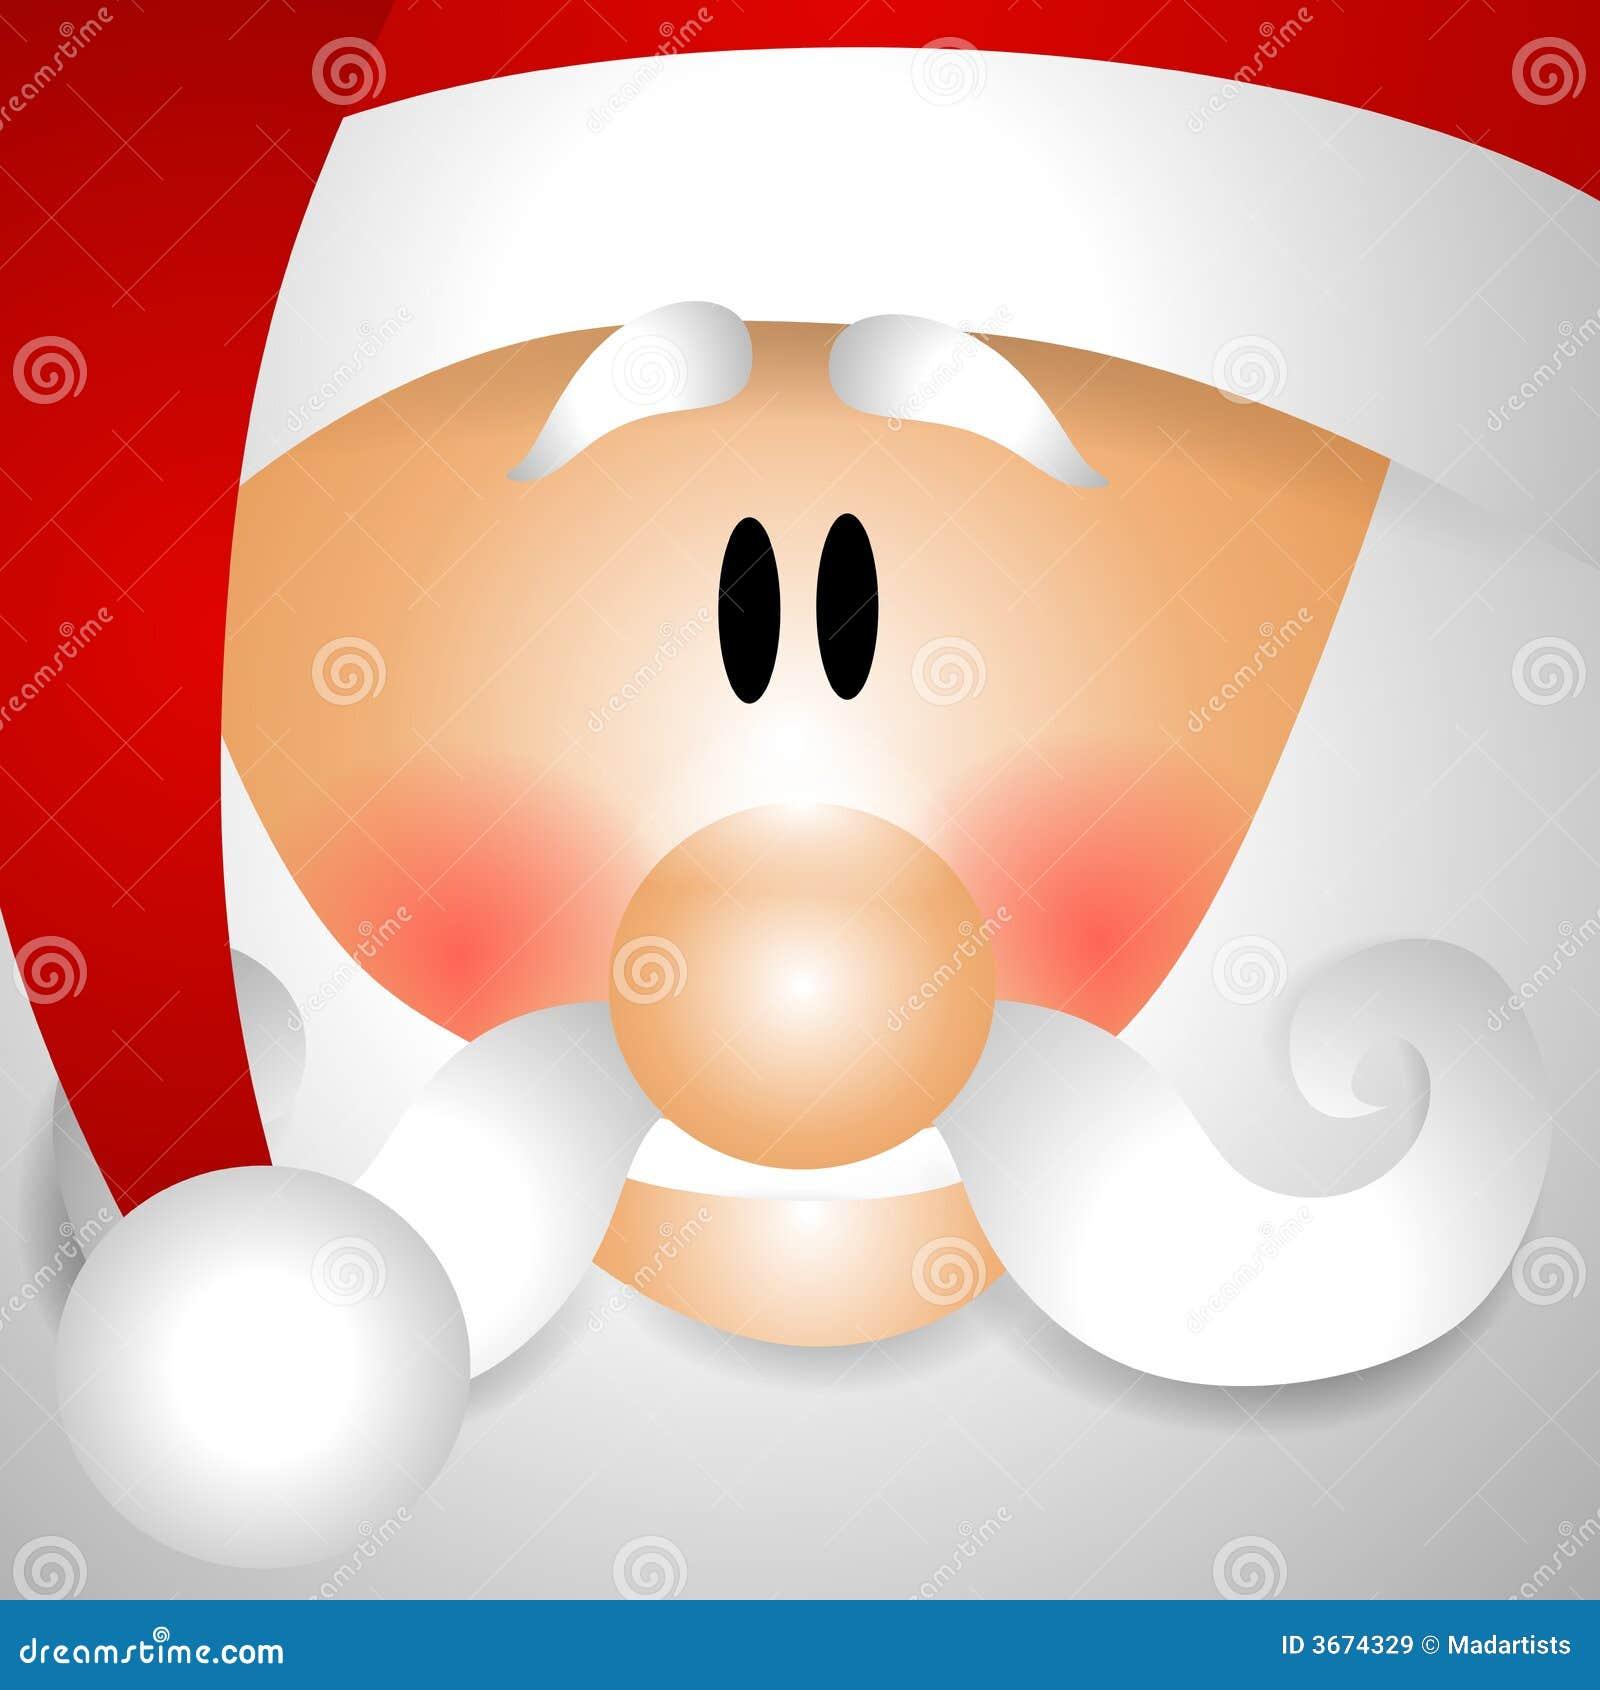 Santa Face Clipart Up close face of santa claus